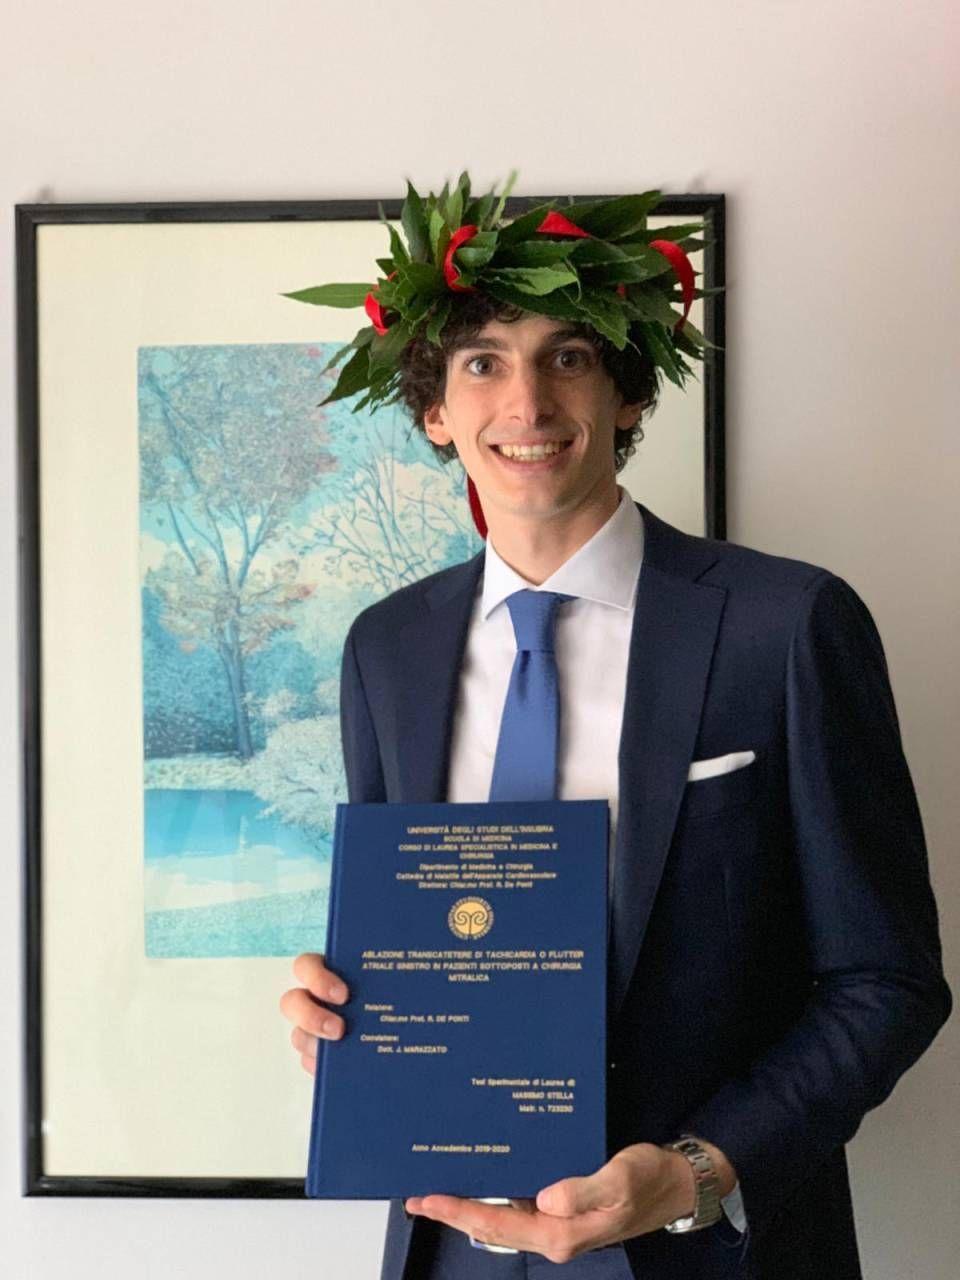 Il neo dottore Massimo Stella, 25 anni